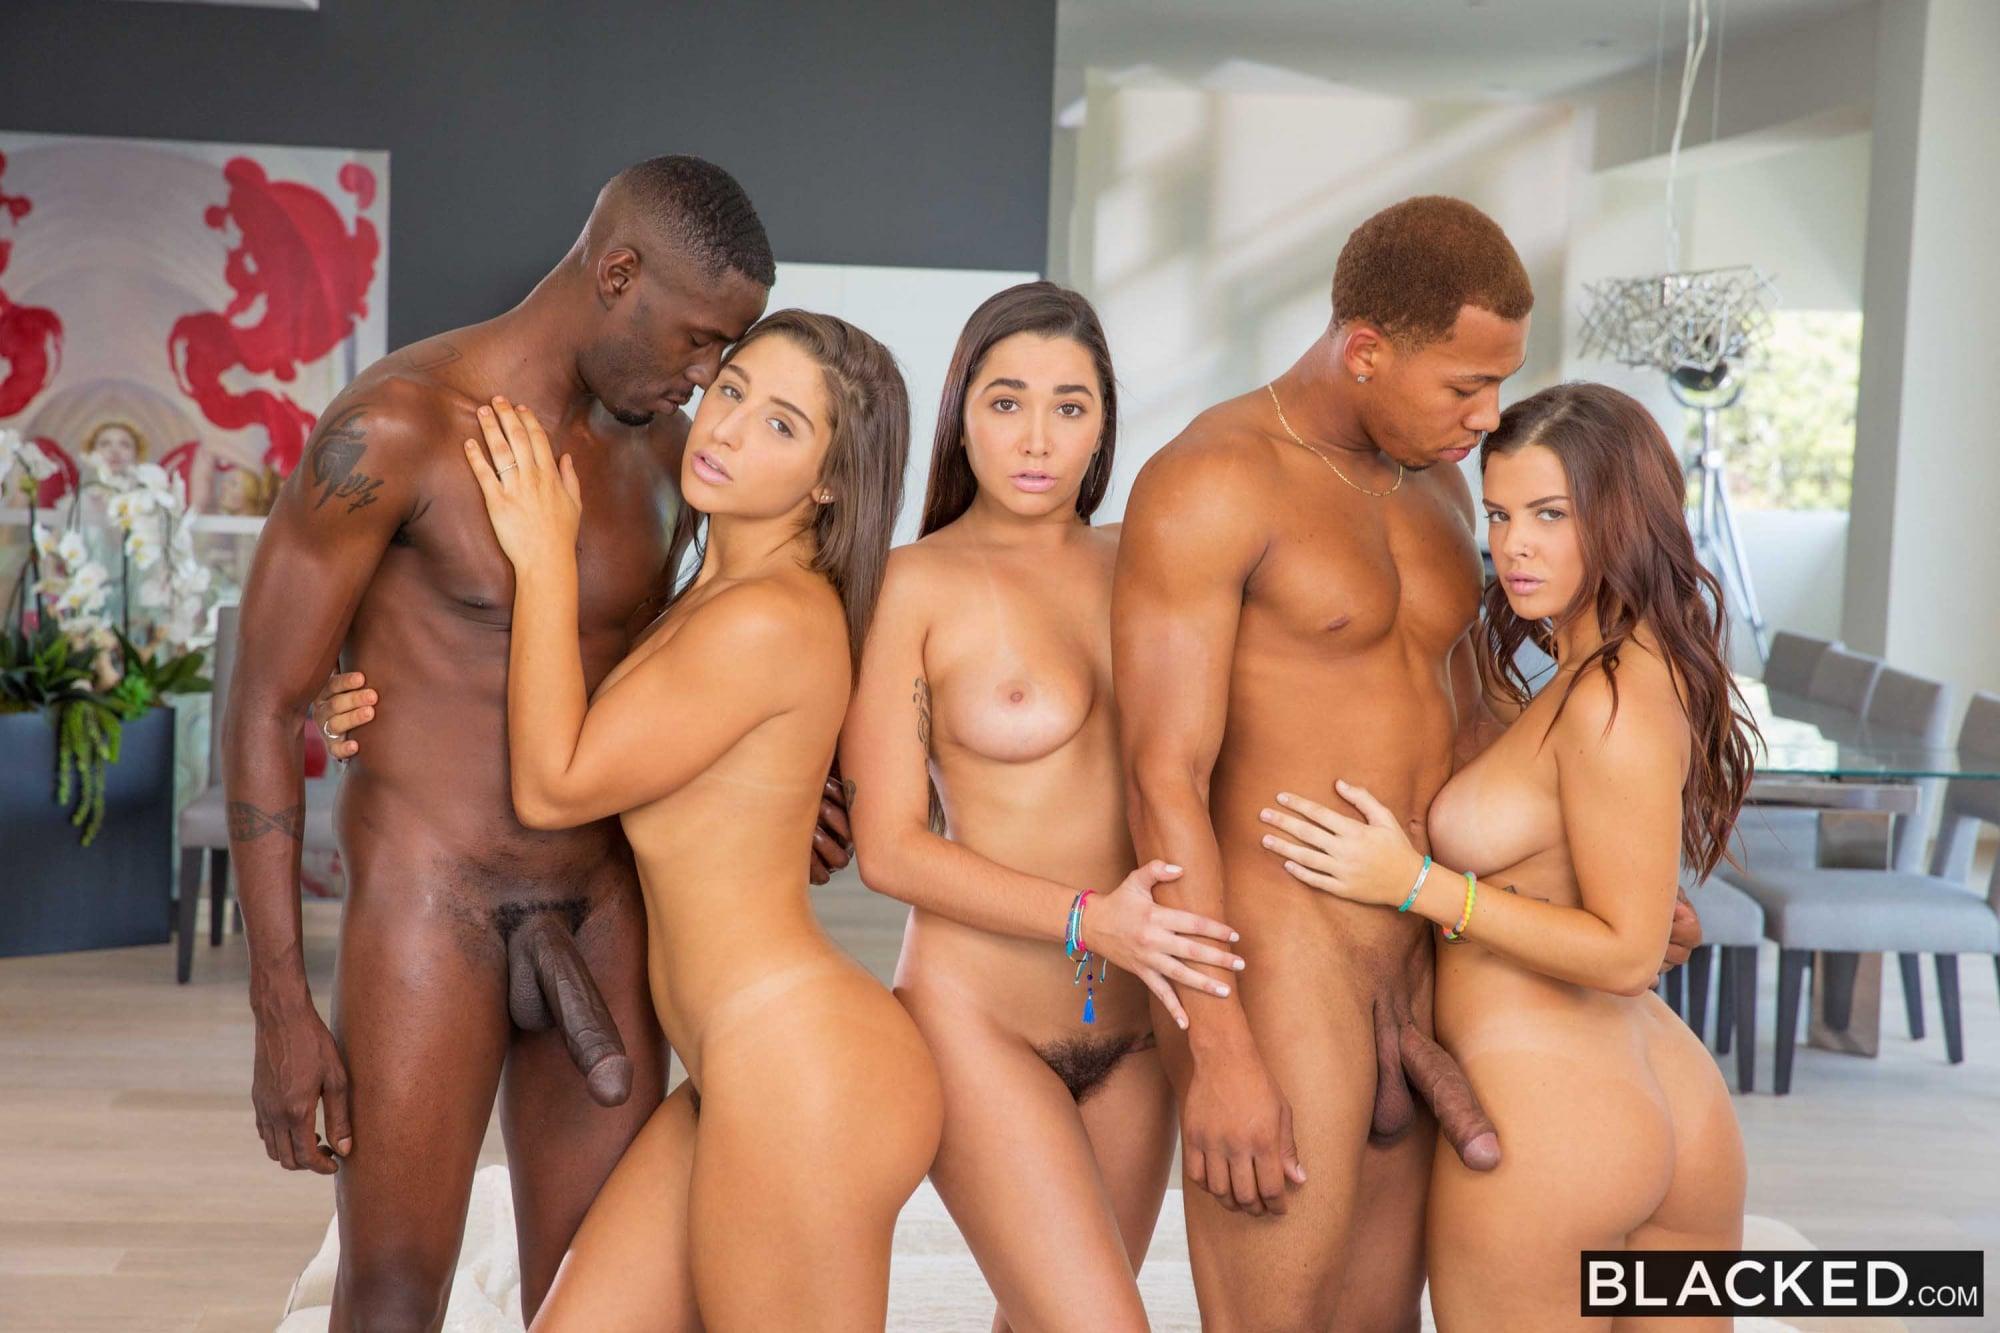 sex blackedbabes,anal,ass